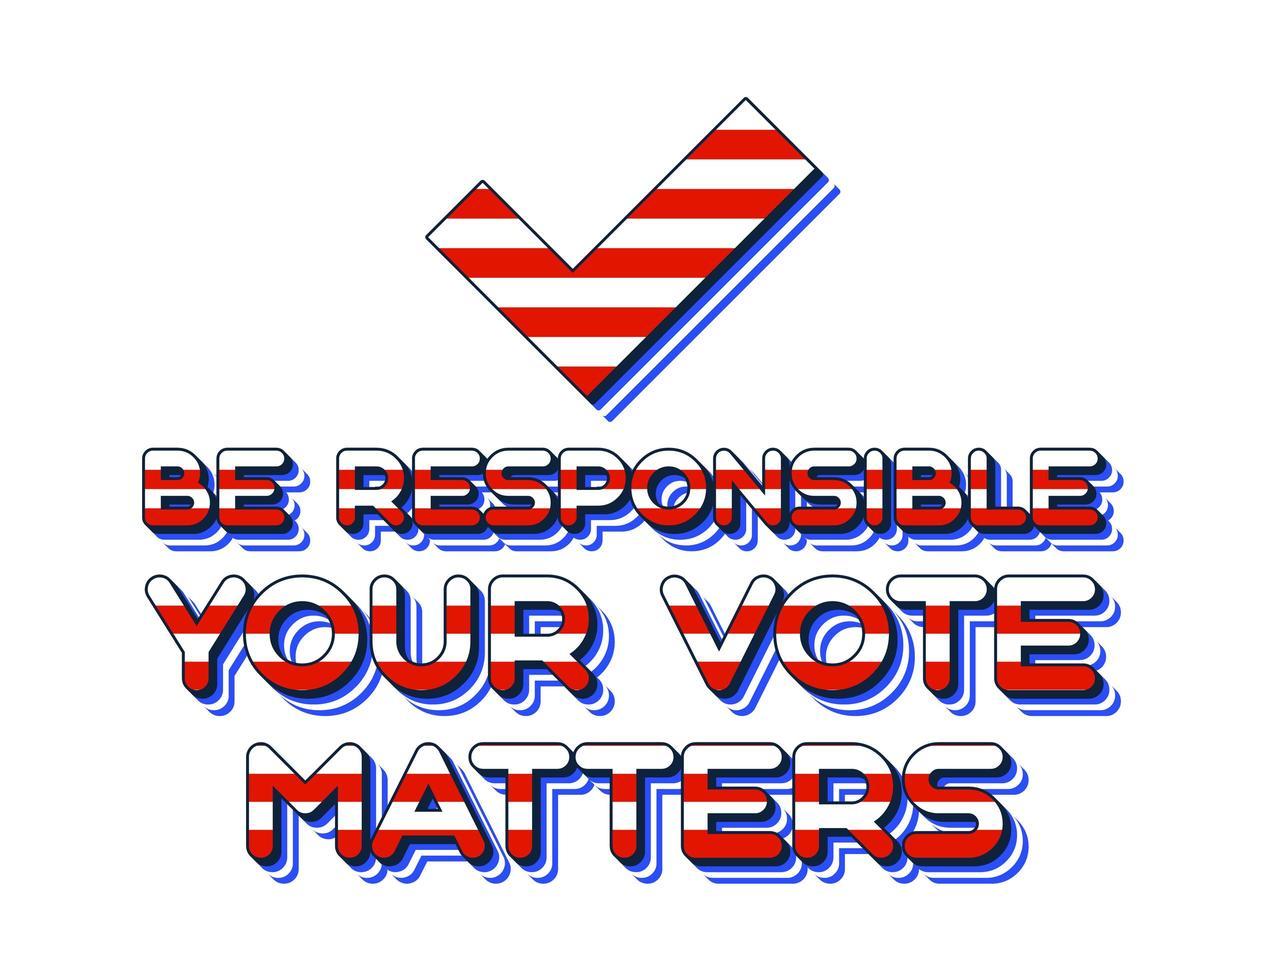 il tuo voto è importante per il 2020 per le elezioni primarie presidenziali negli Stati Uniti d'America a novembre per i candidati democratici o repubblicani. vettore